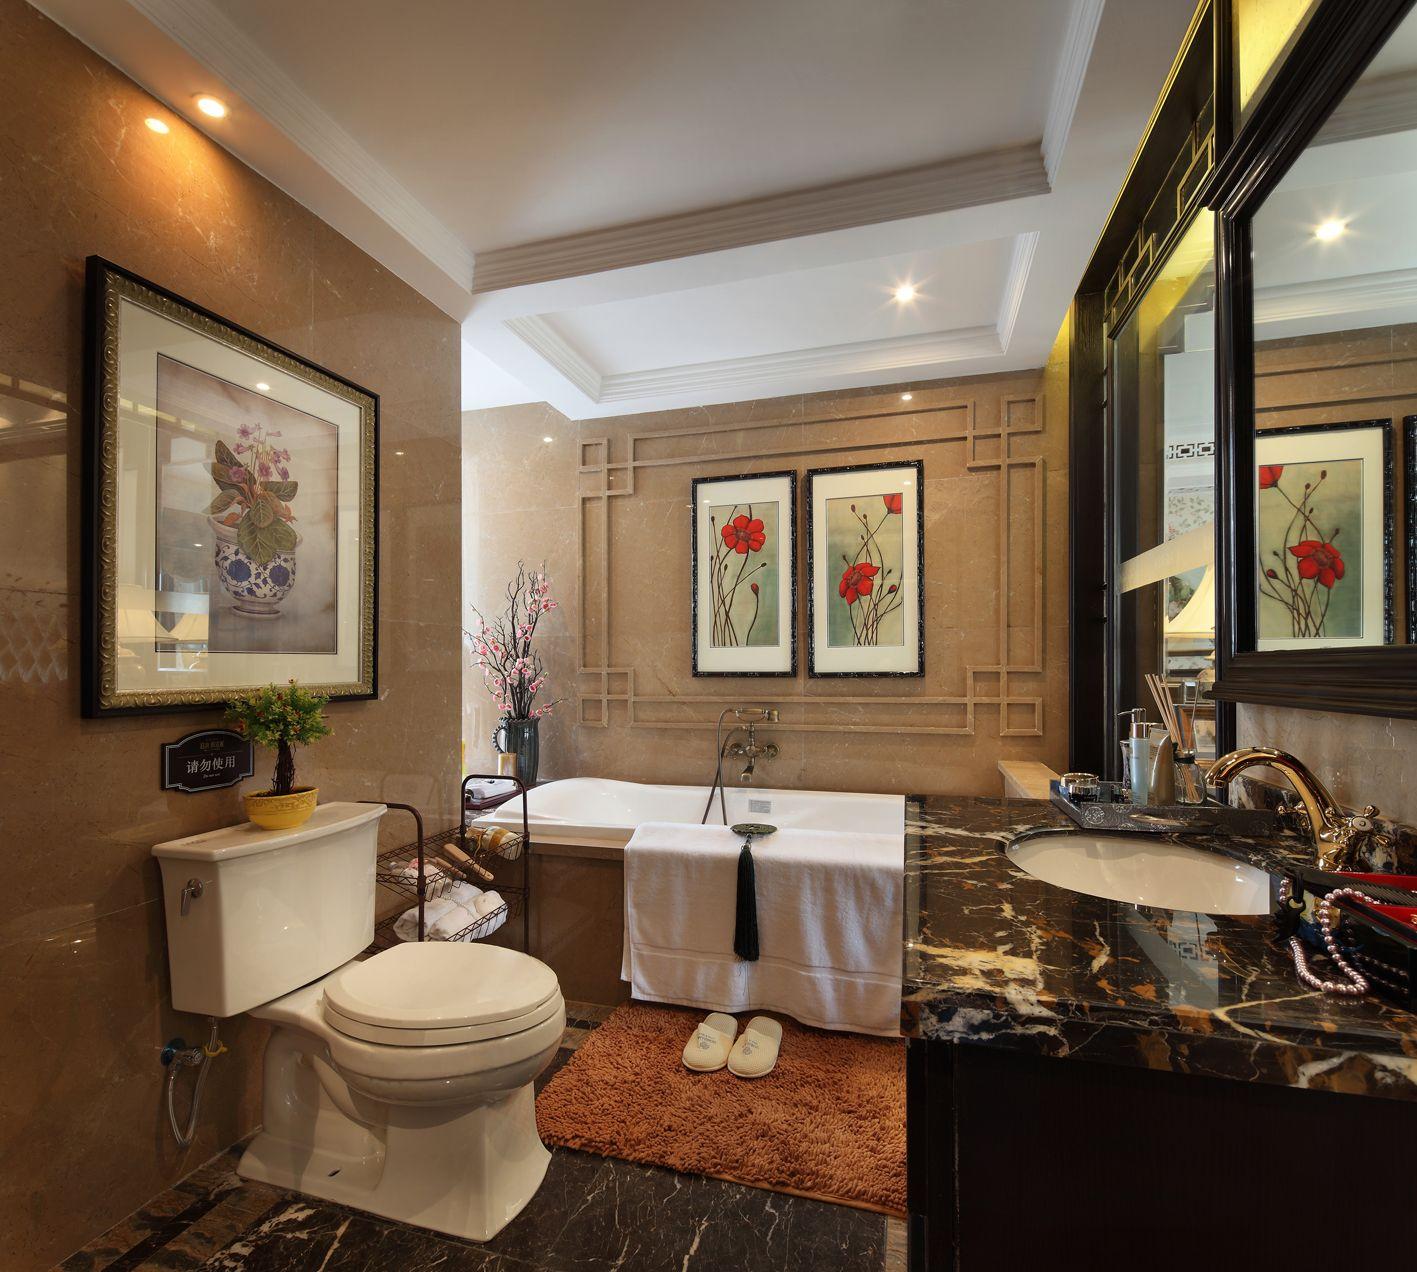 卫生间洗手台柜子和浴室镜框都选择了深棕色的实木,把新中式的风格特点完美的展现出来。